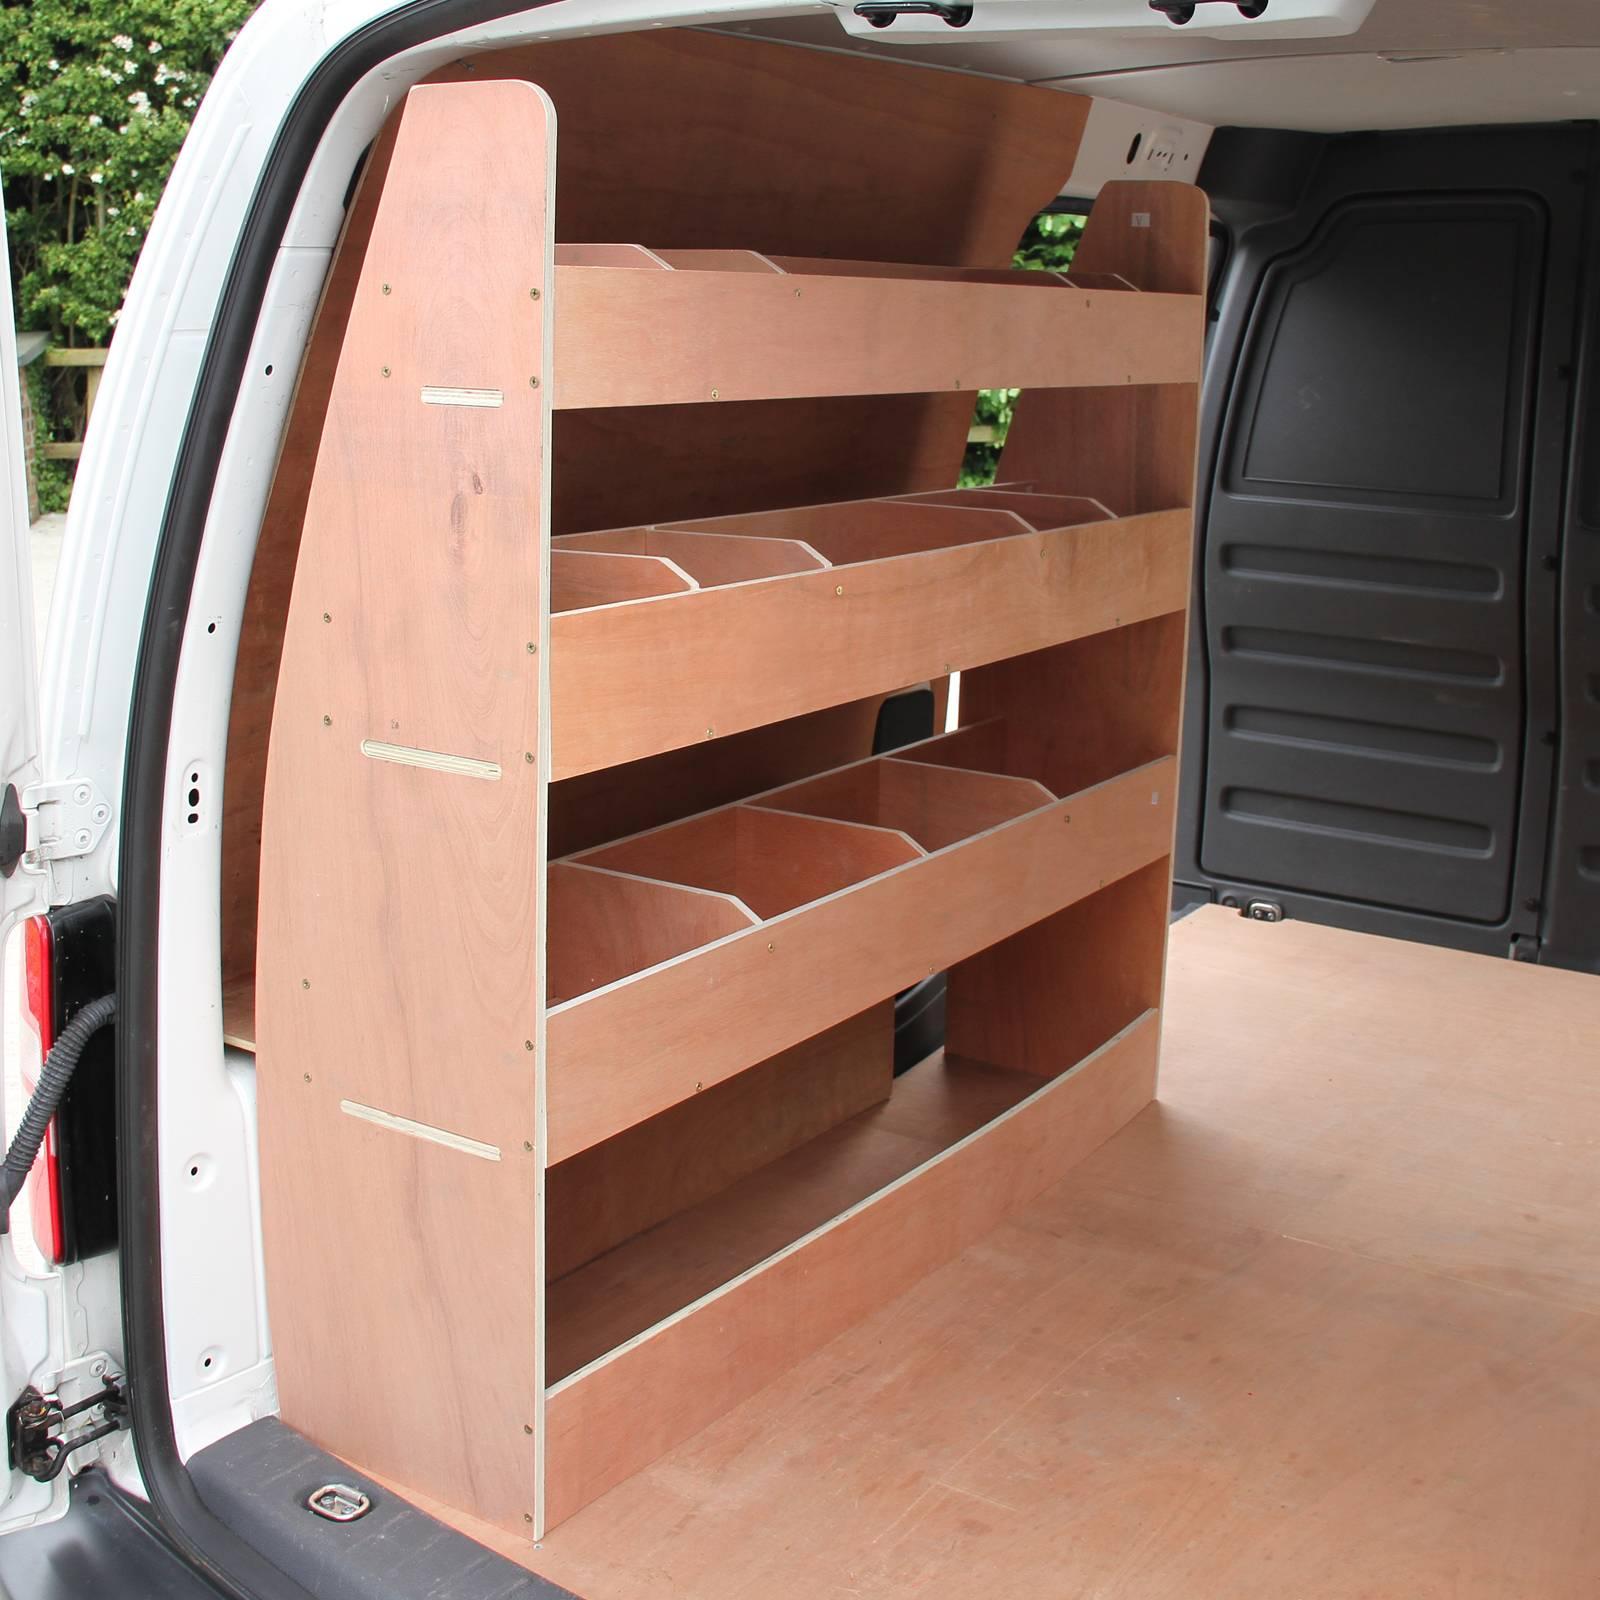 Vw Caddy Swb Van Racking Plywood Tool Storage Van Shelves